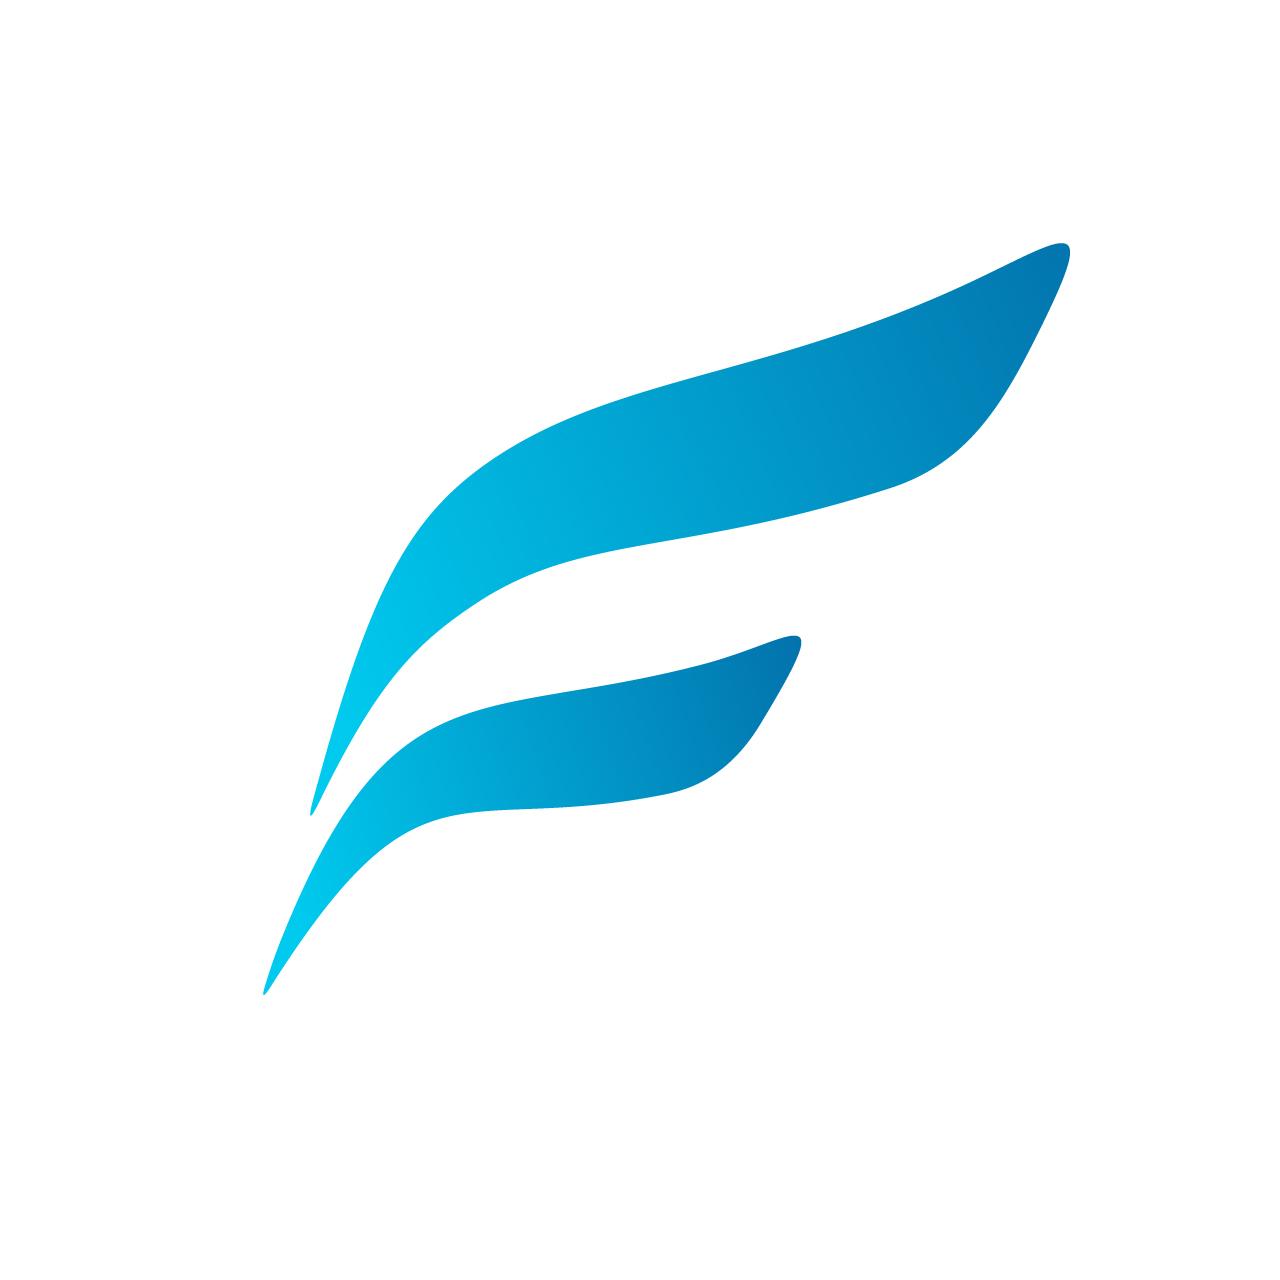 Finfrock Marketing